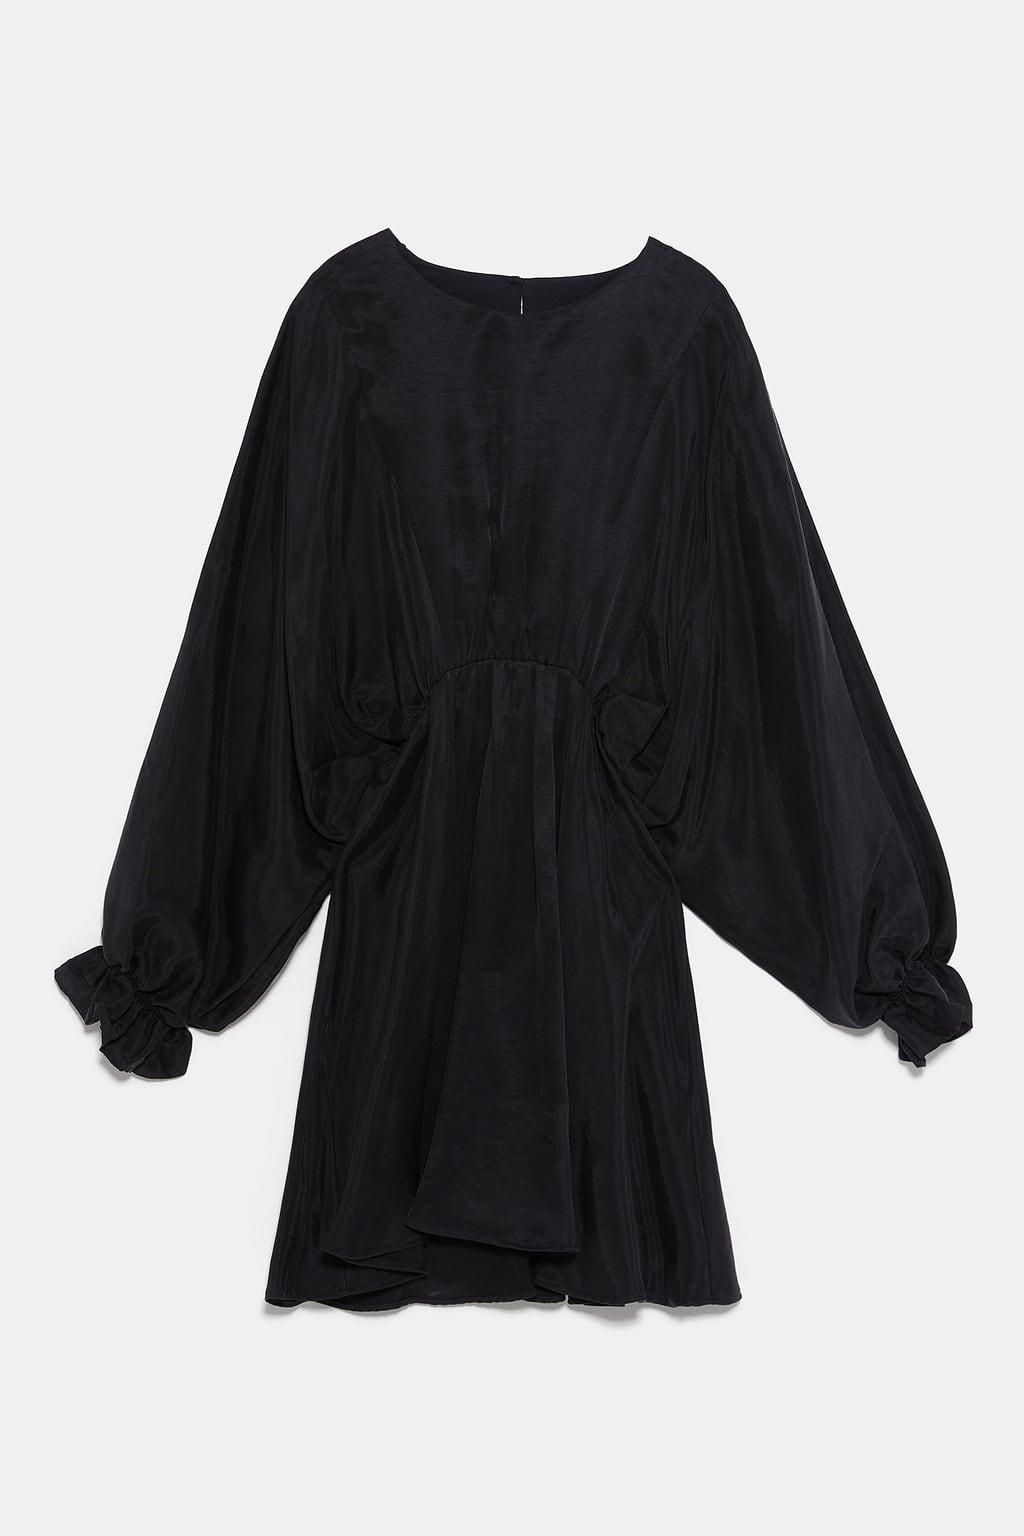 julebord kjole lange ermer